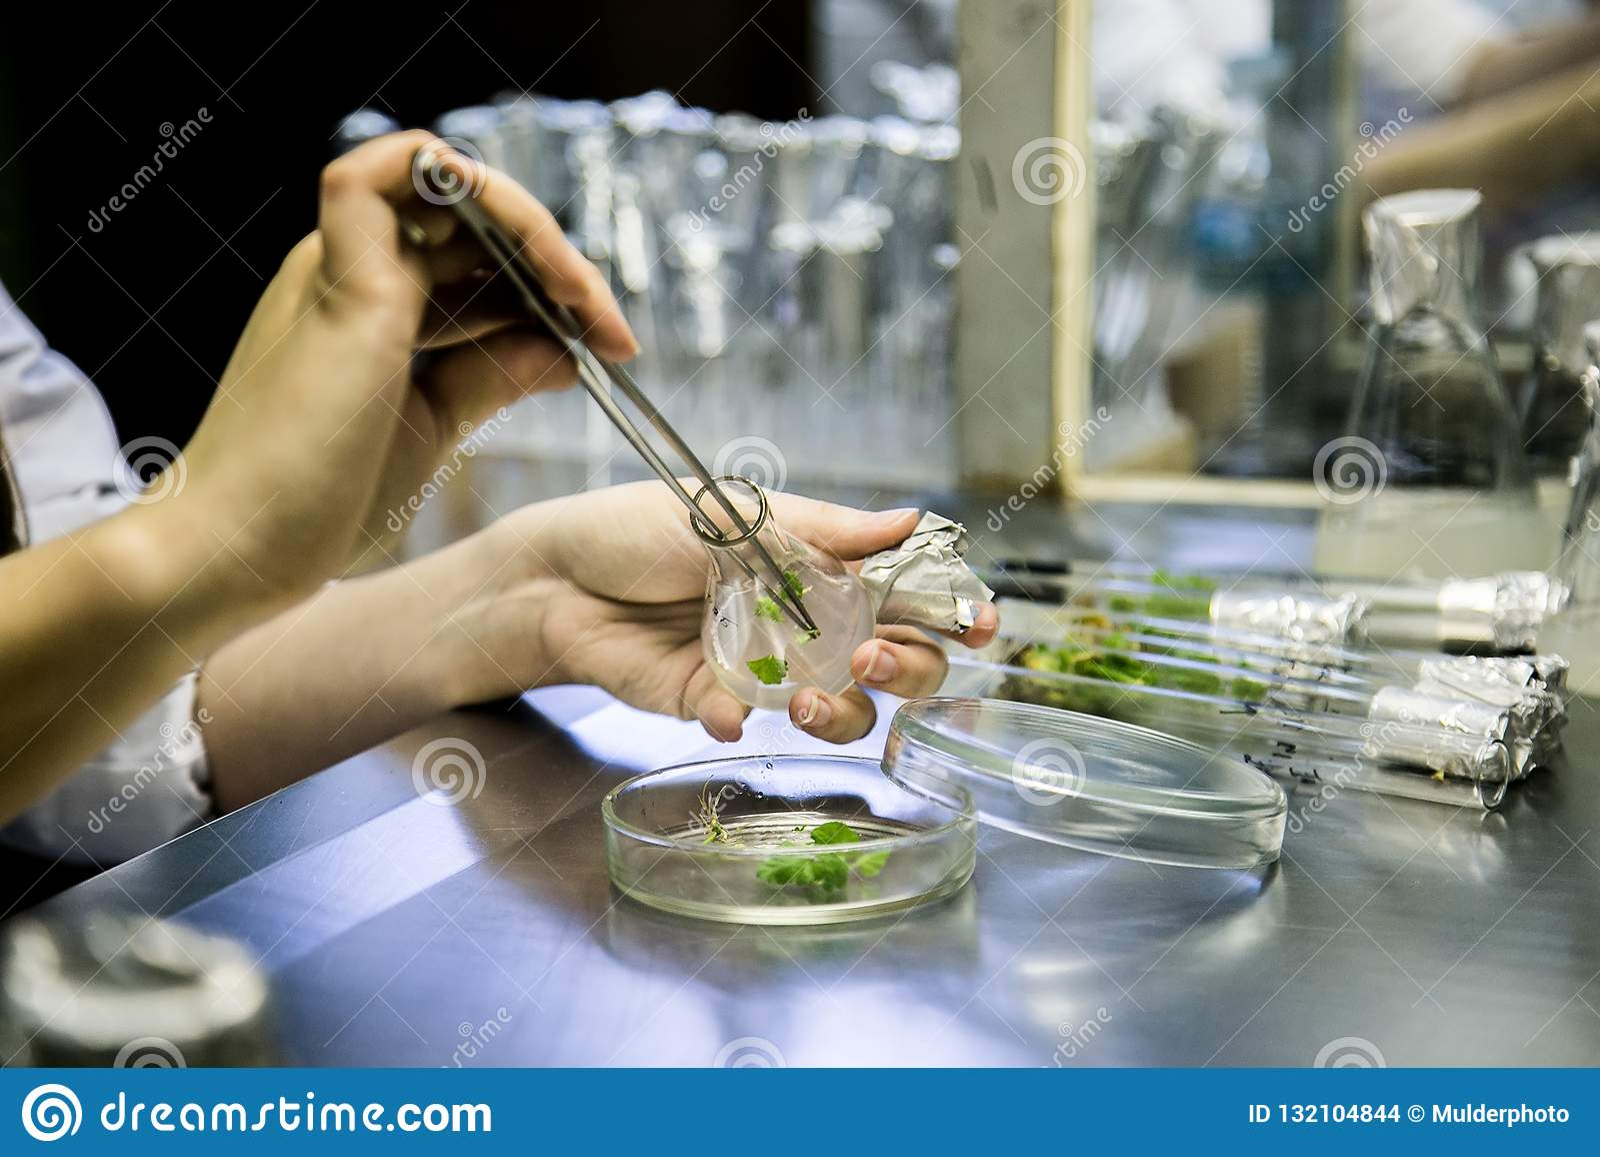 Graftage των microplants στο εργαστήριο της βιοτεχνολογίας